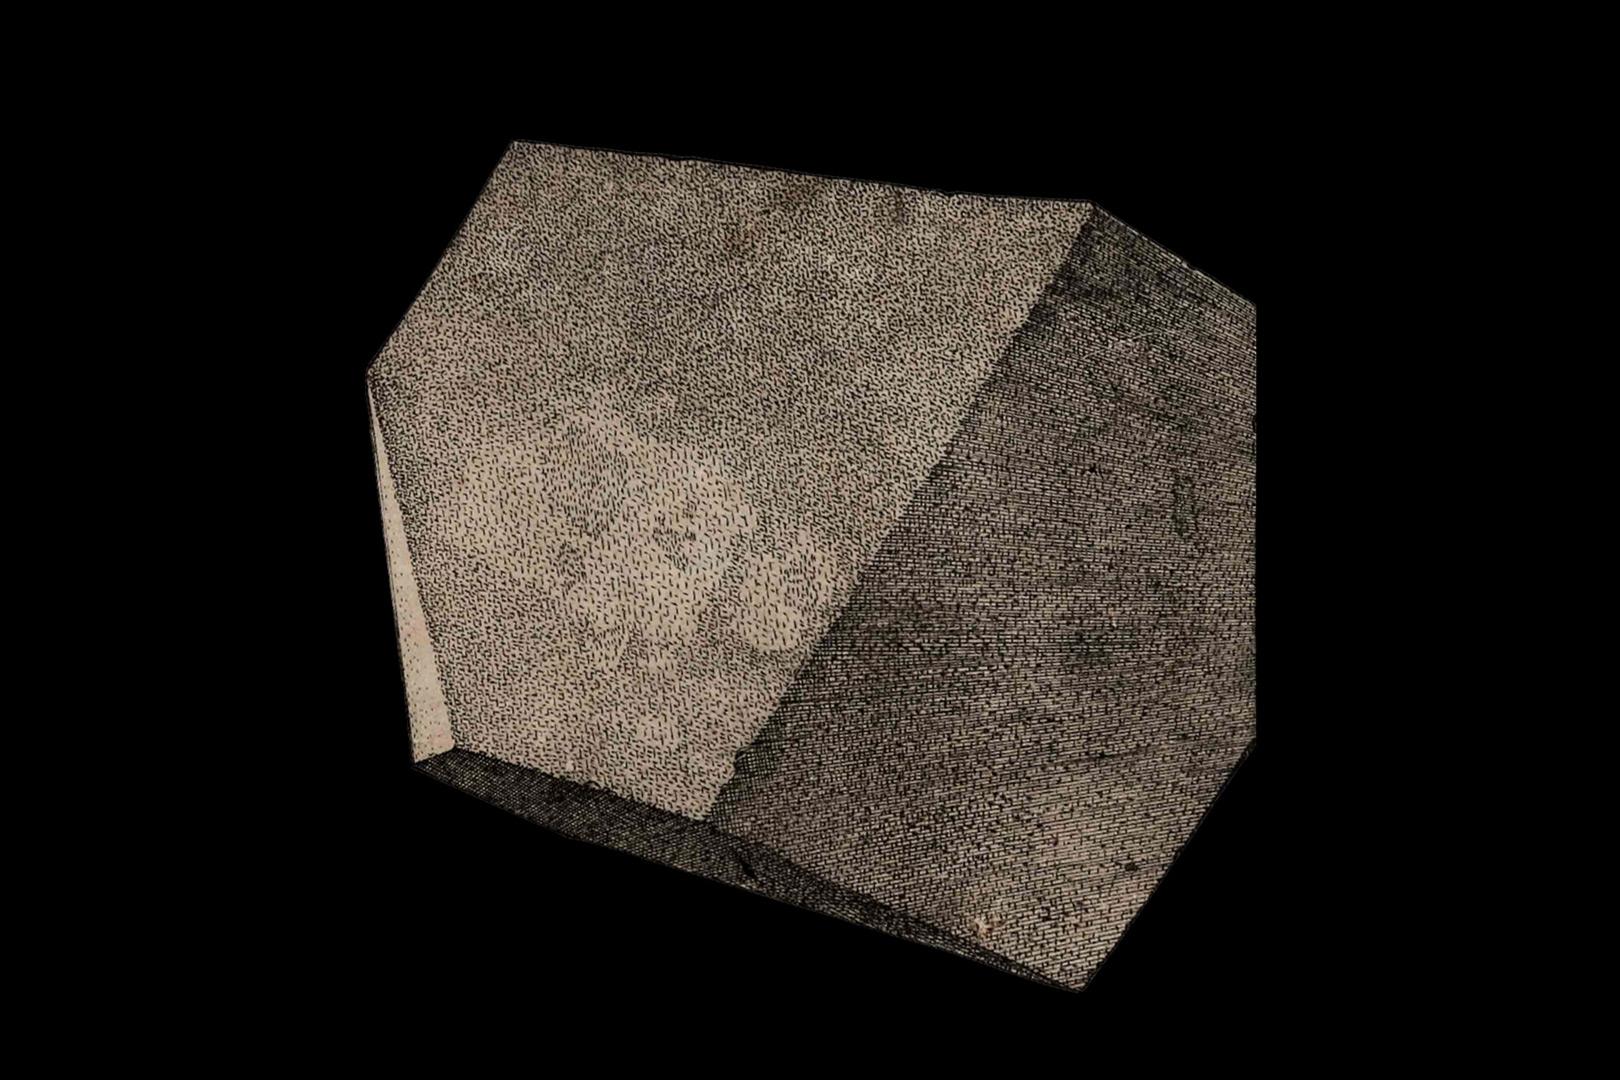 Exhibition Tobia Scarpa – Dall'arte della misura silenziosamente